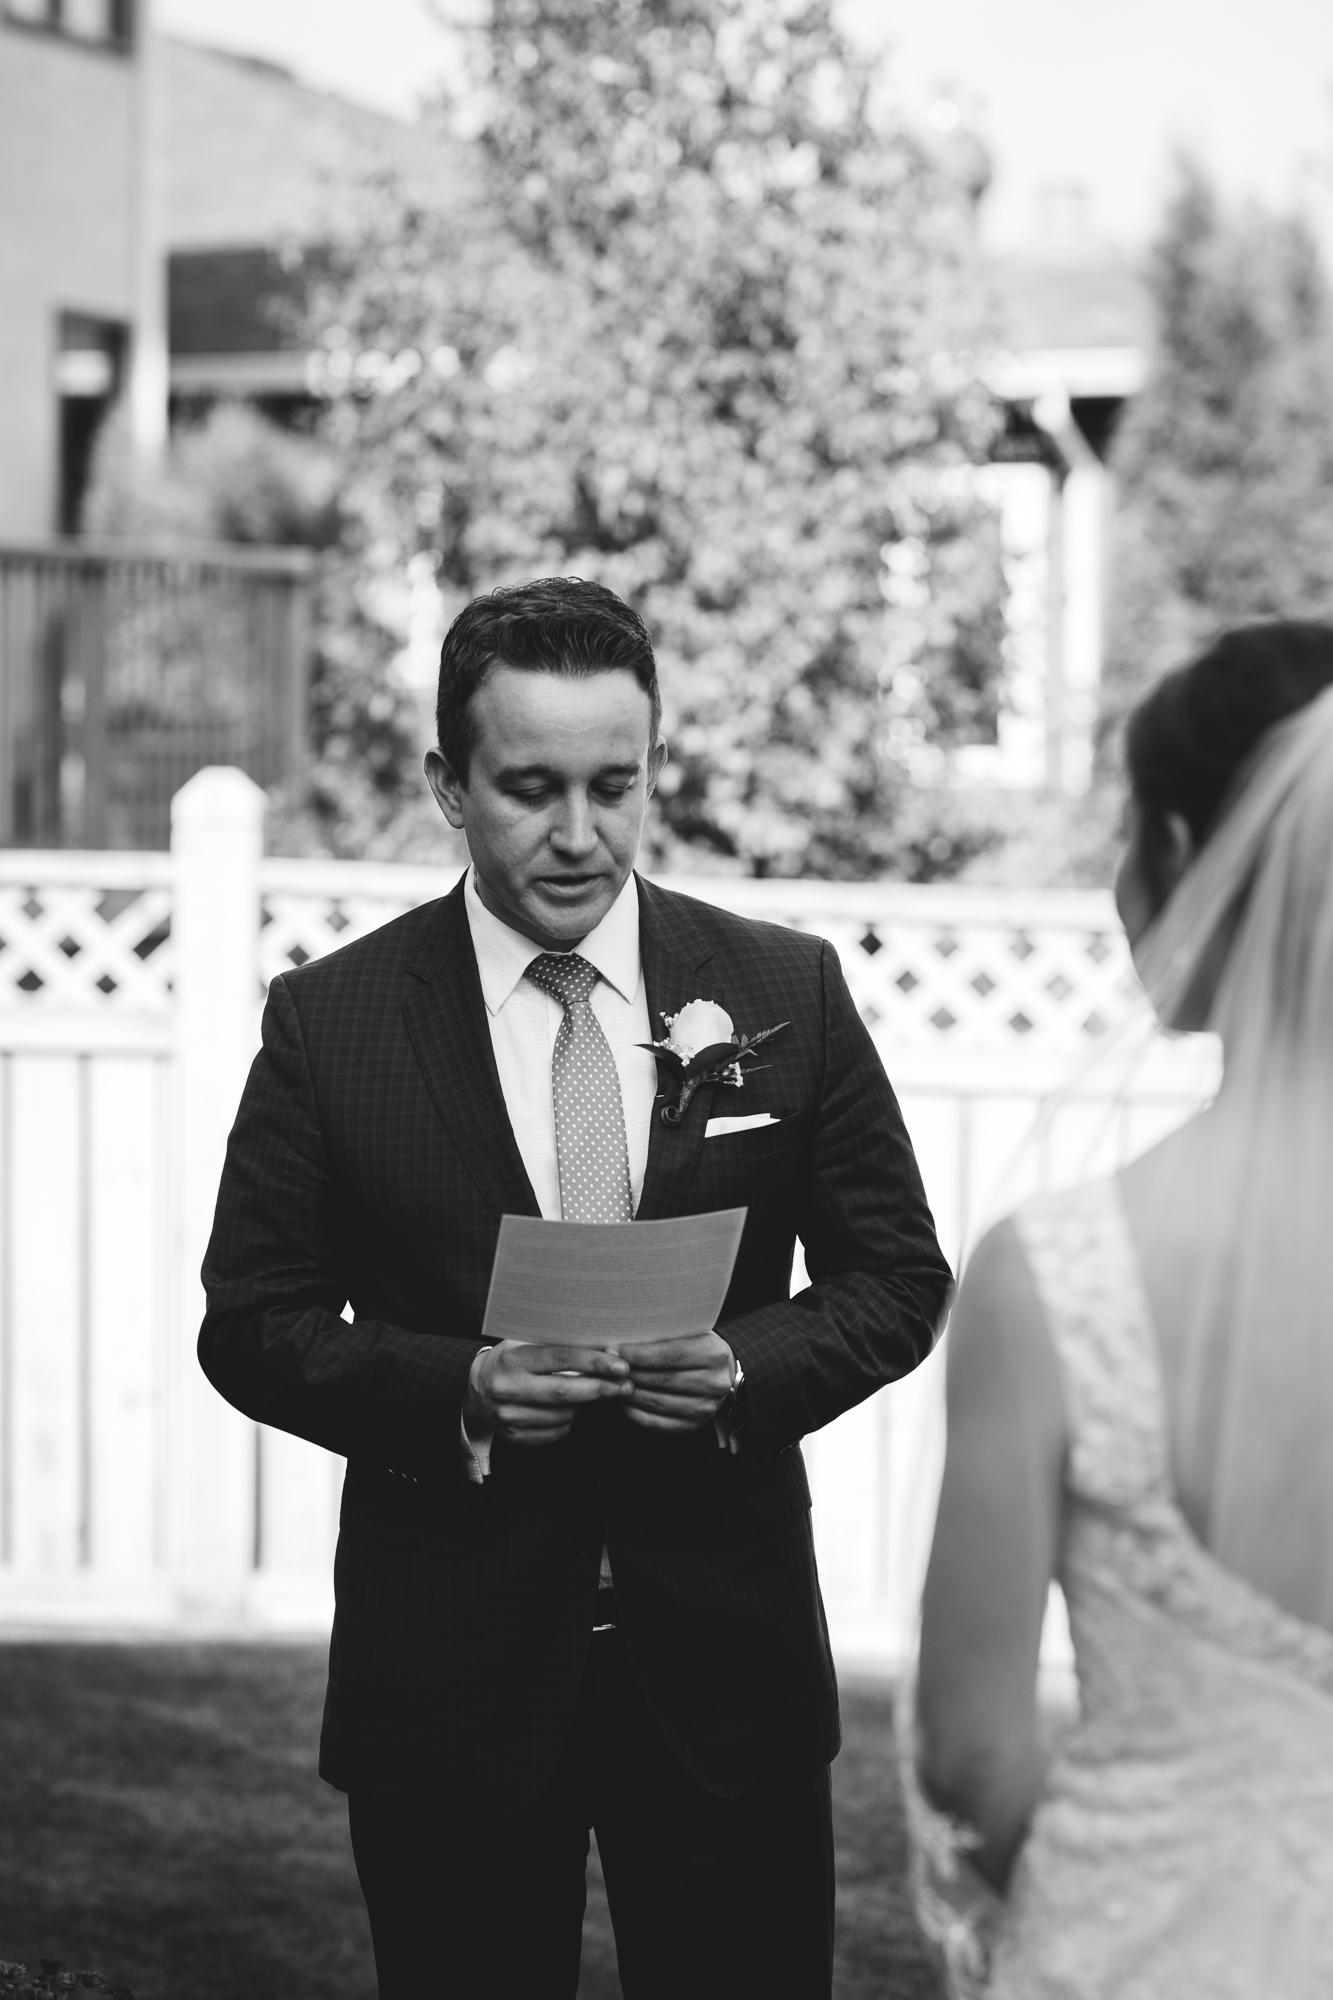 Deanna-Rachel-Photography-calgary-Wedding-photographer-jm-60.jpg